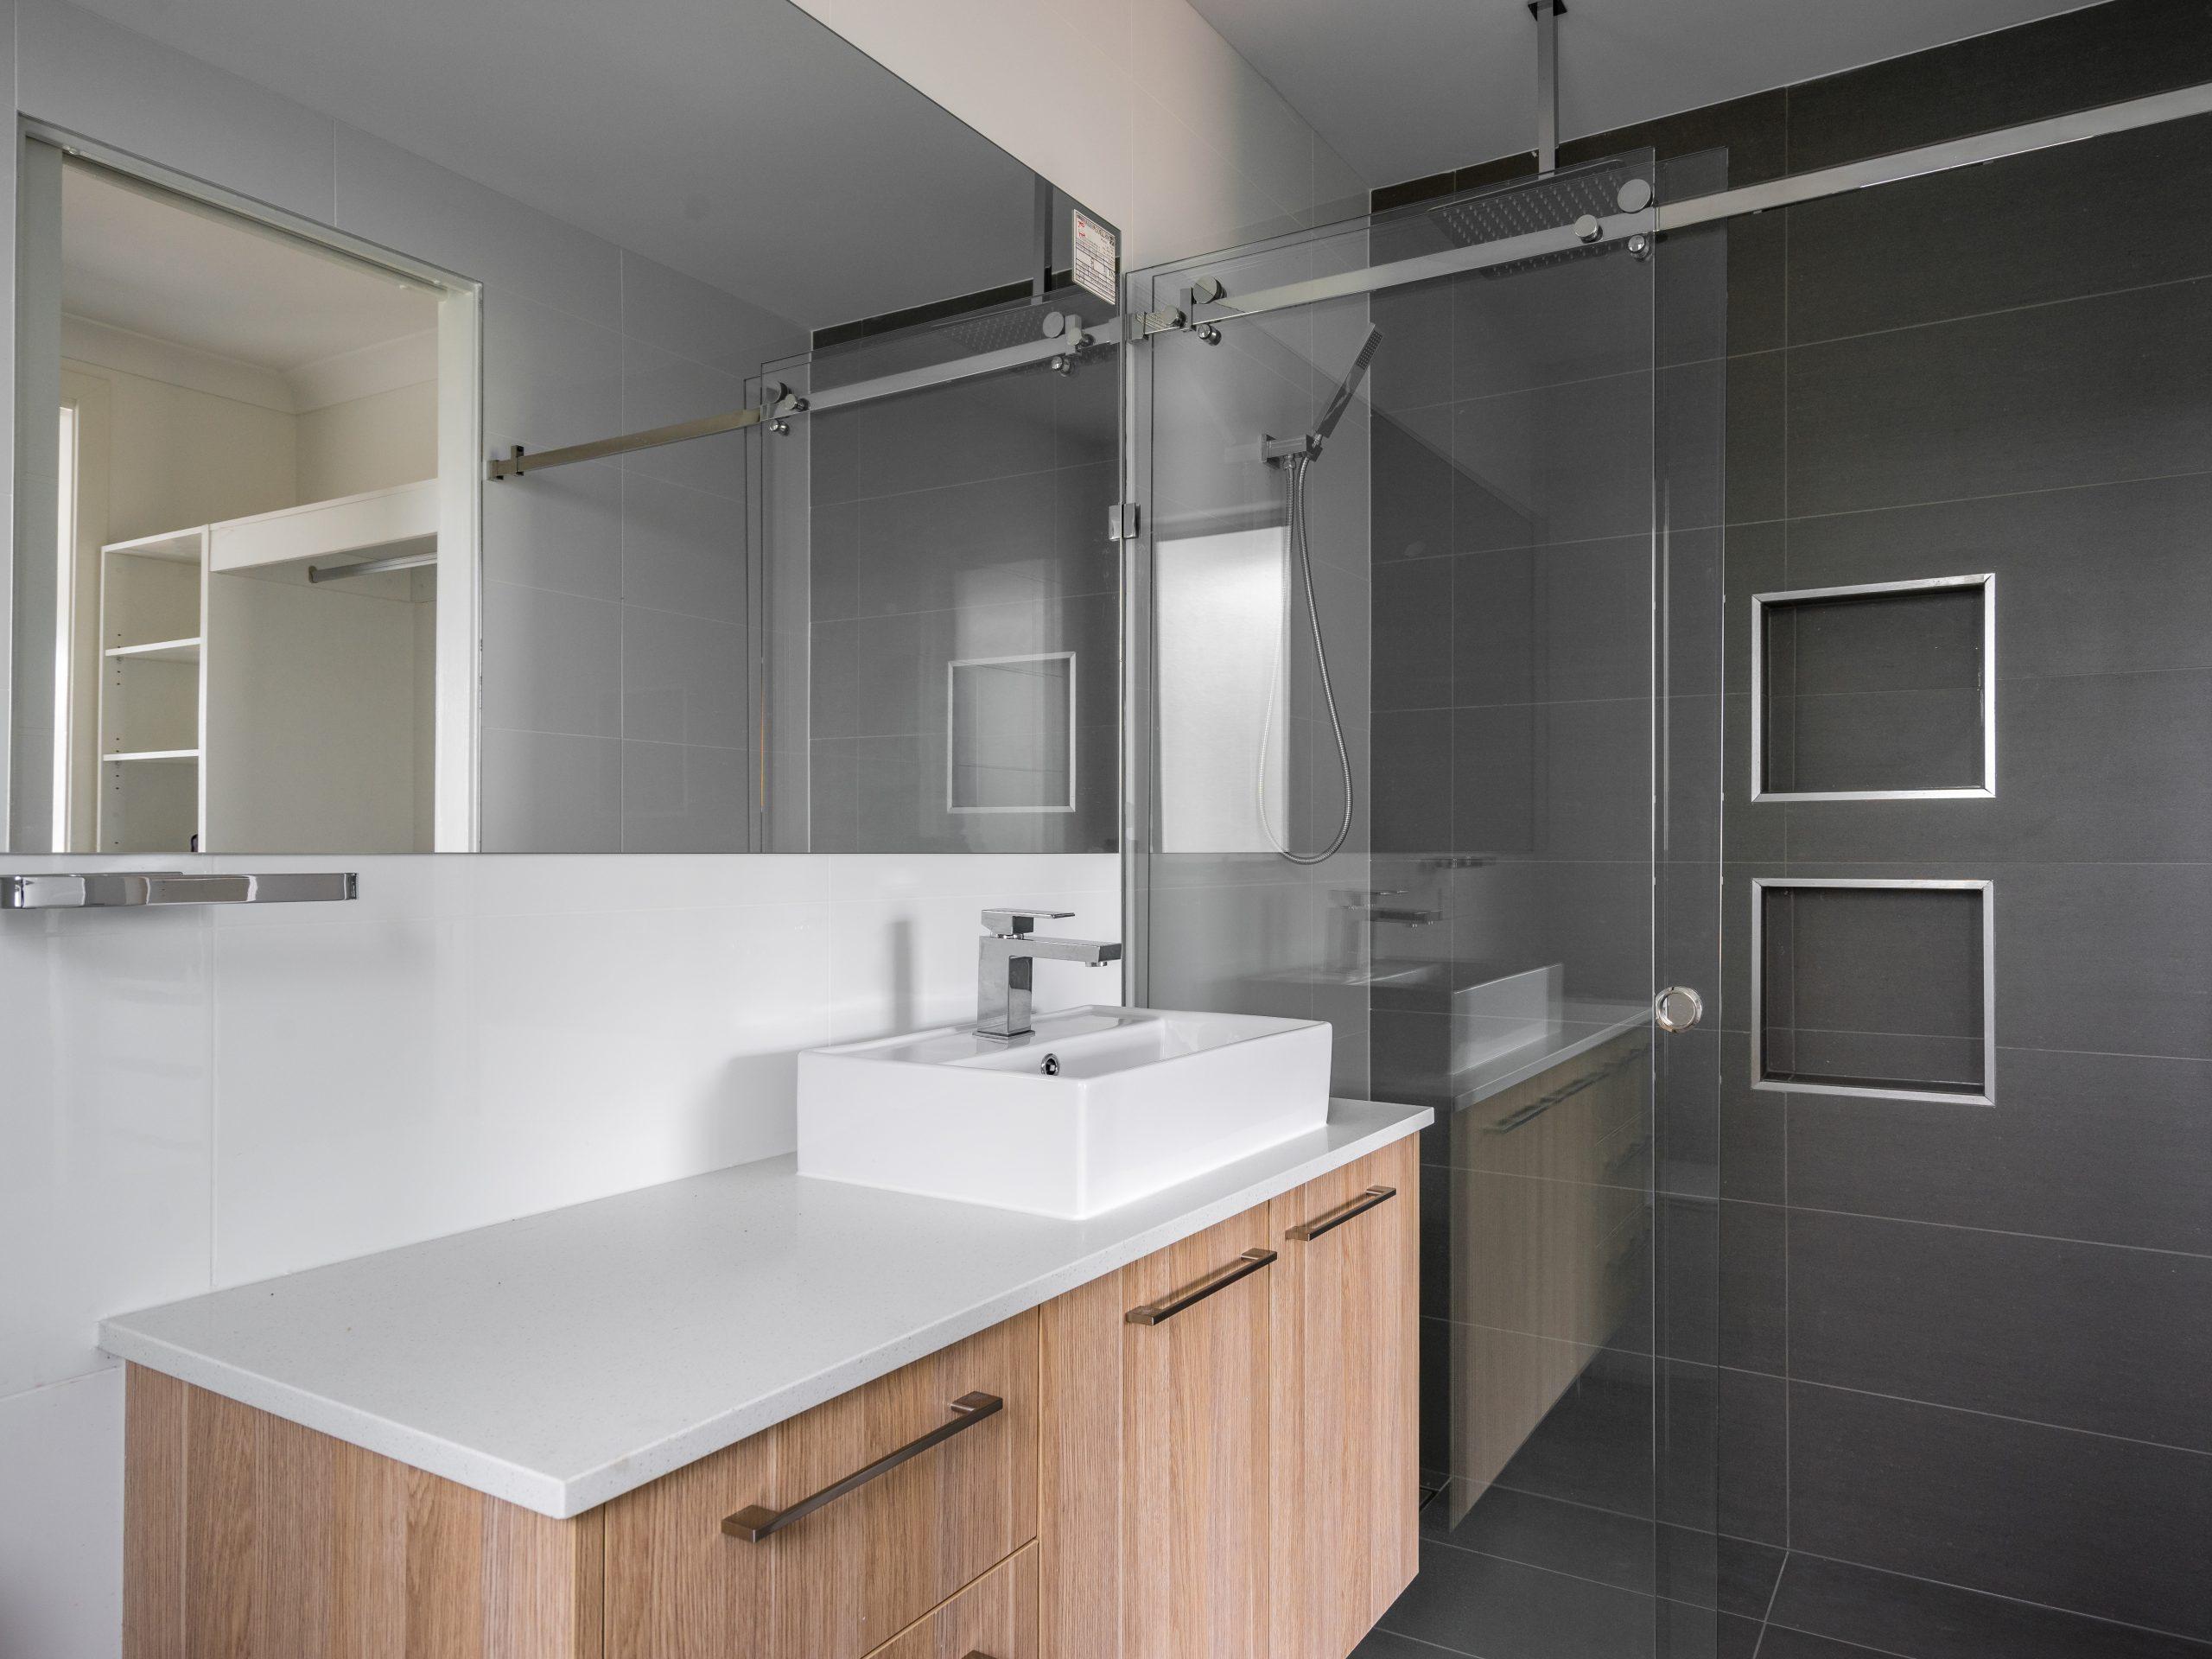 Hectorville - Ross - HBC Homes Adelaide - DSC01630